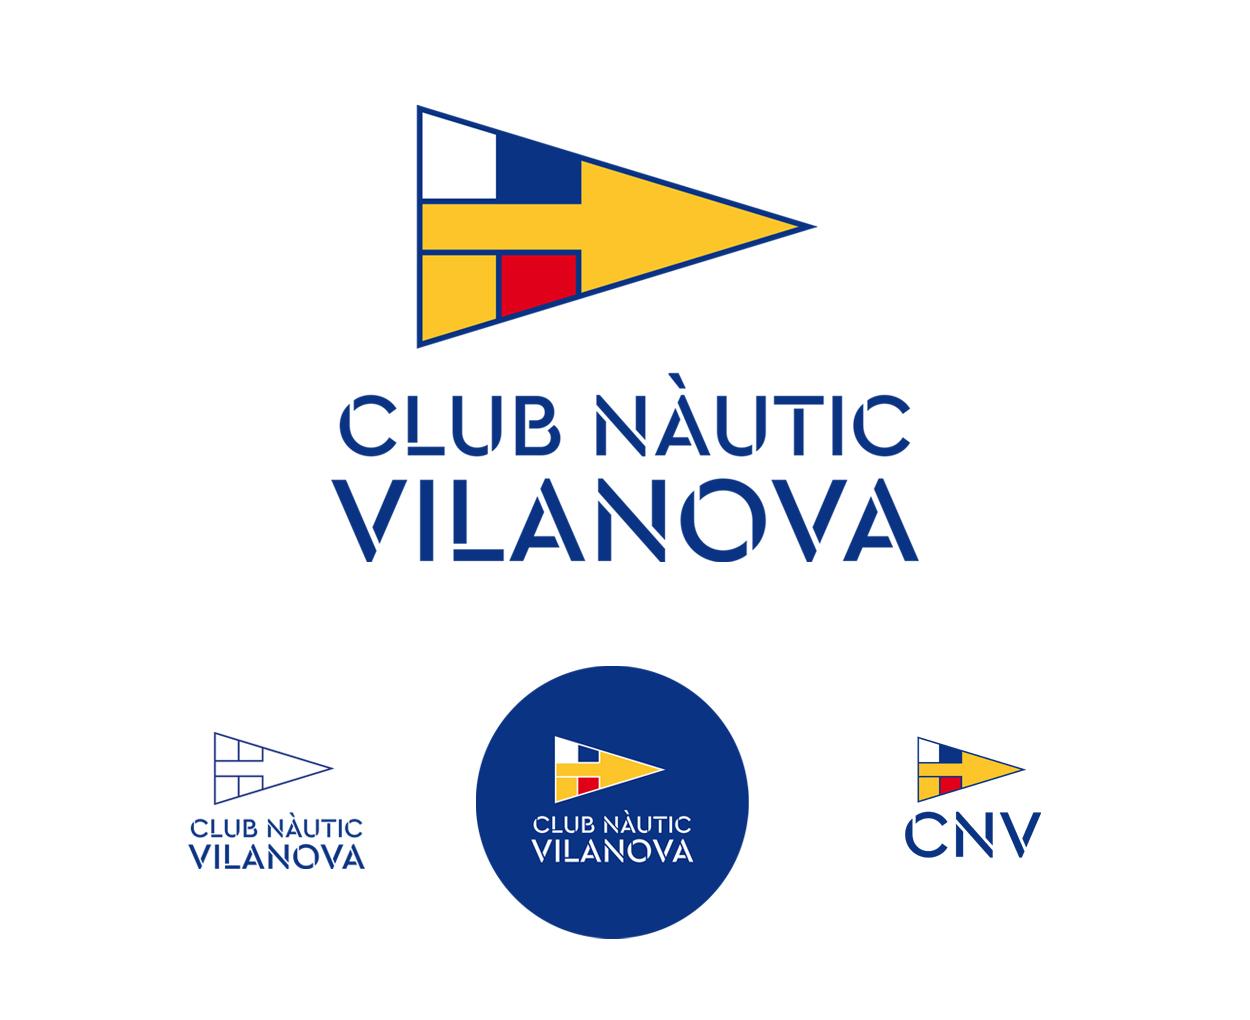 Diseño de logotipo e identidad corporativa para el Club Nàutic Vilanova